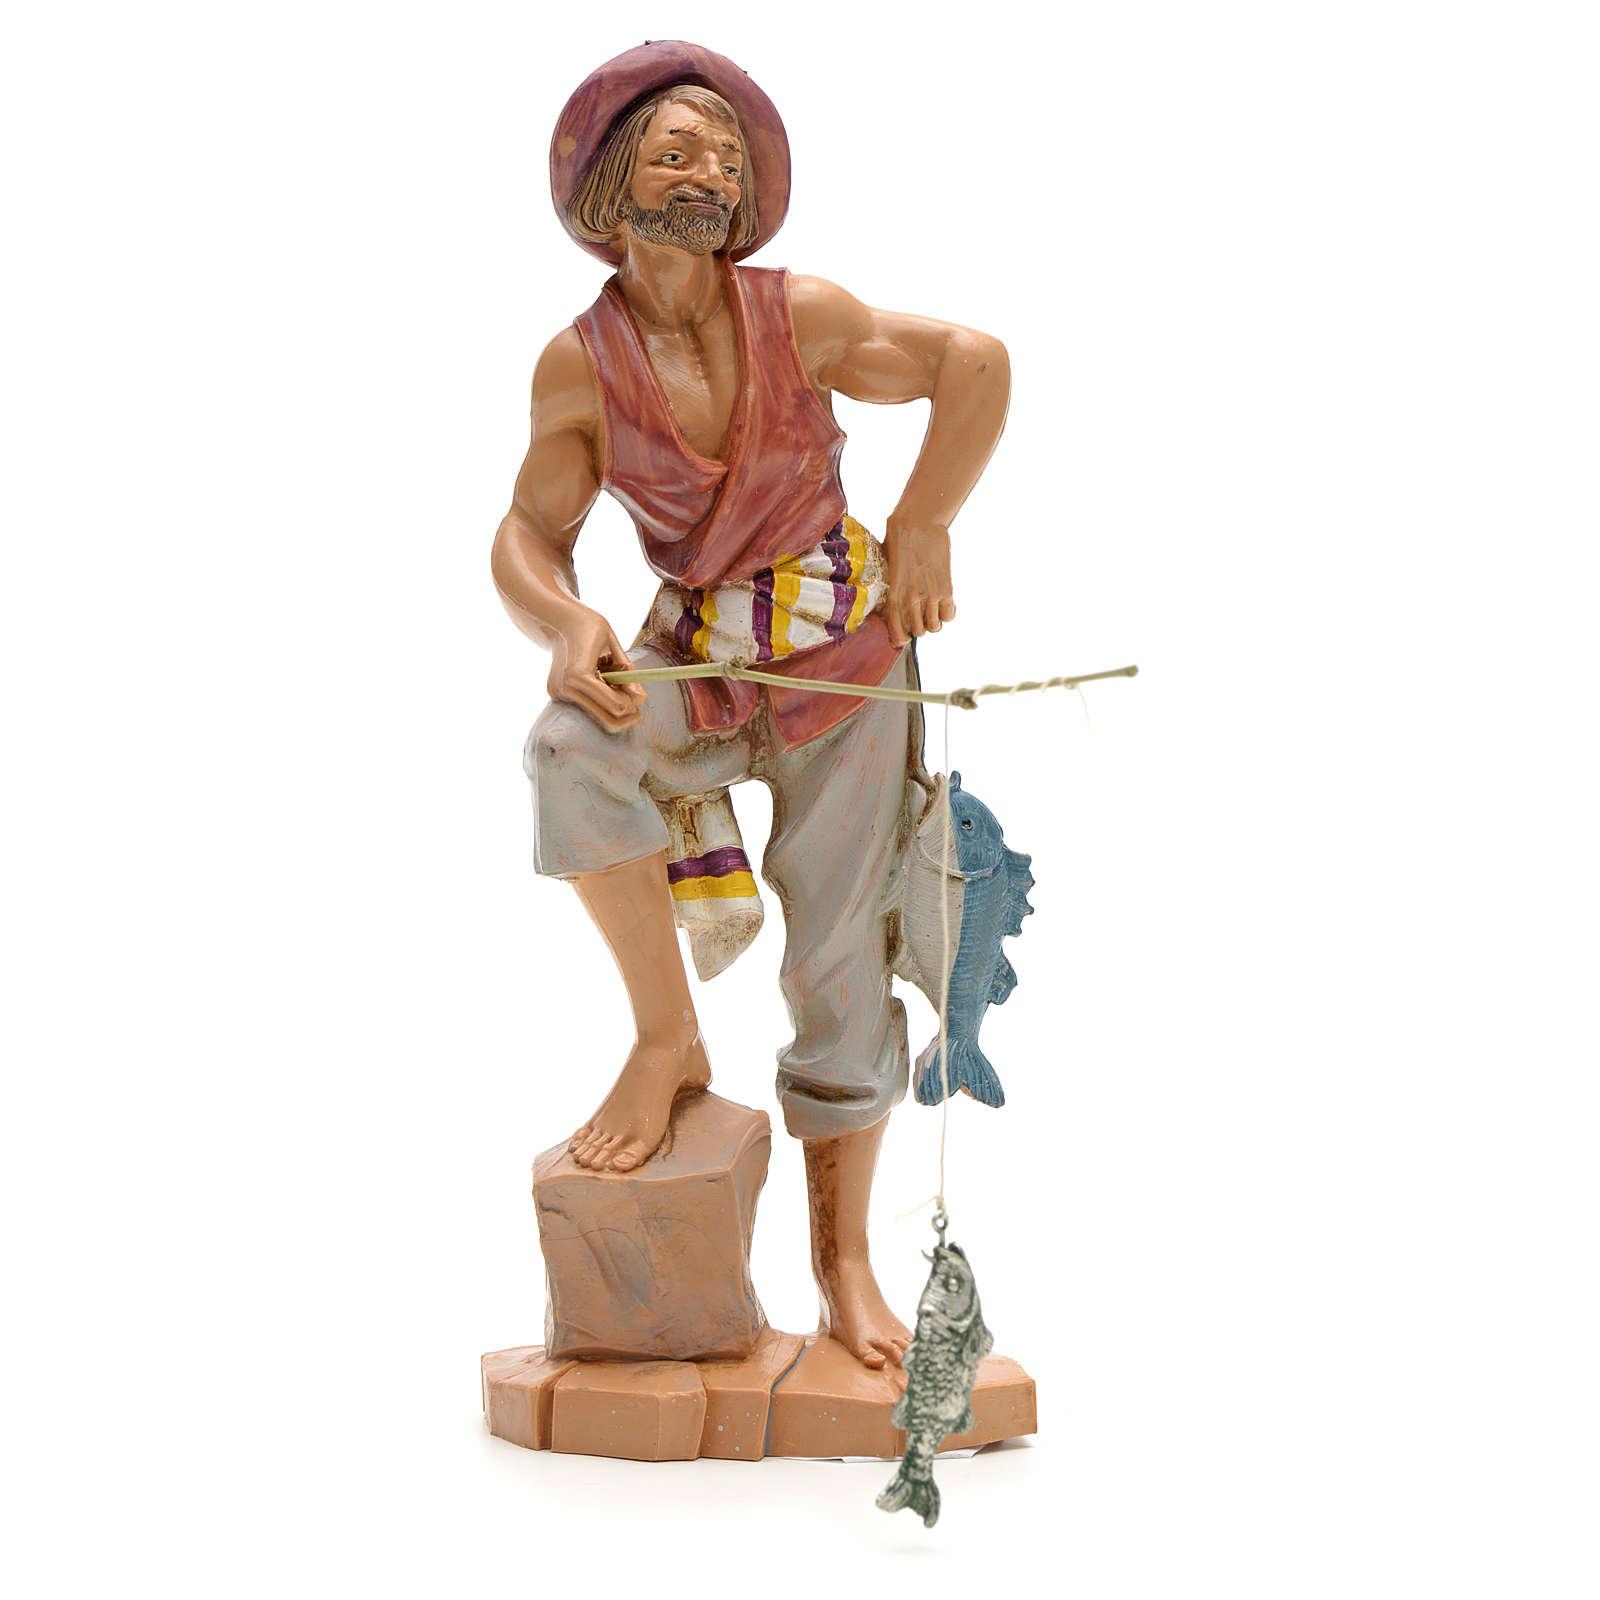 Fontanini Nativity Scene figurine 4